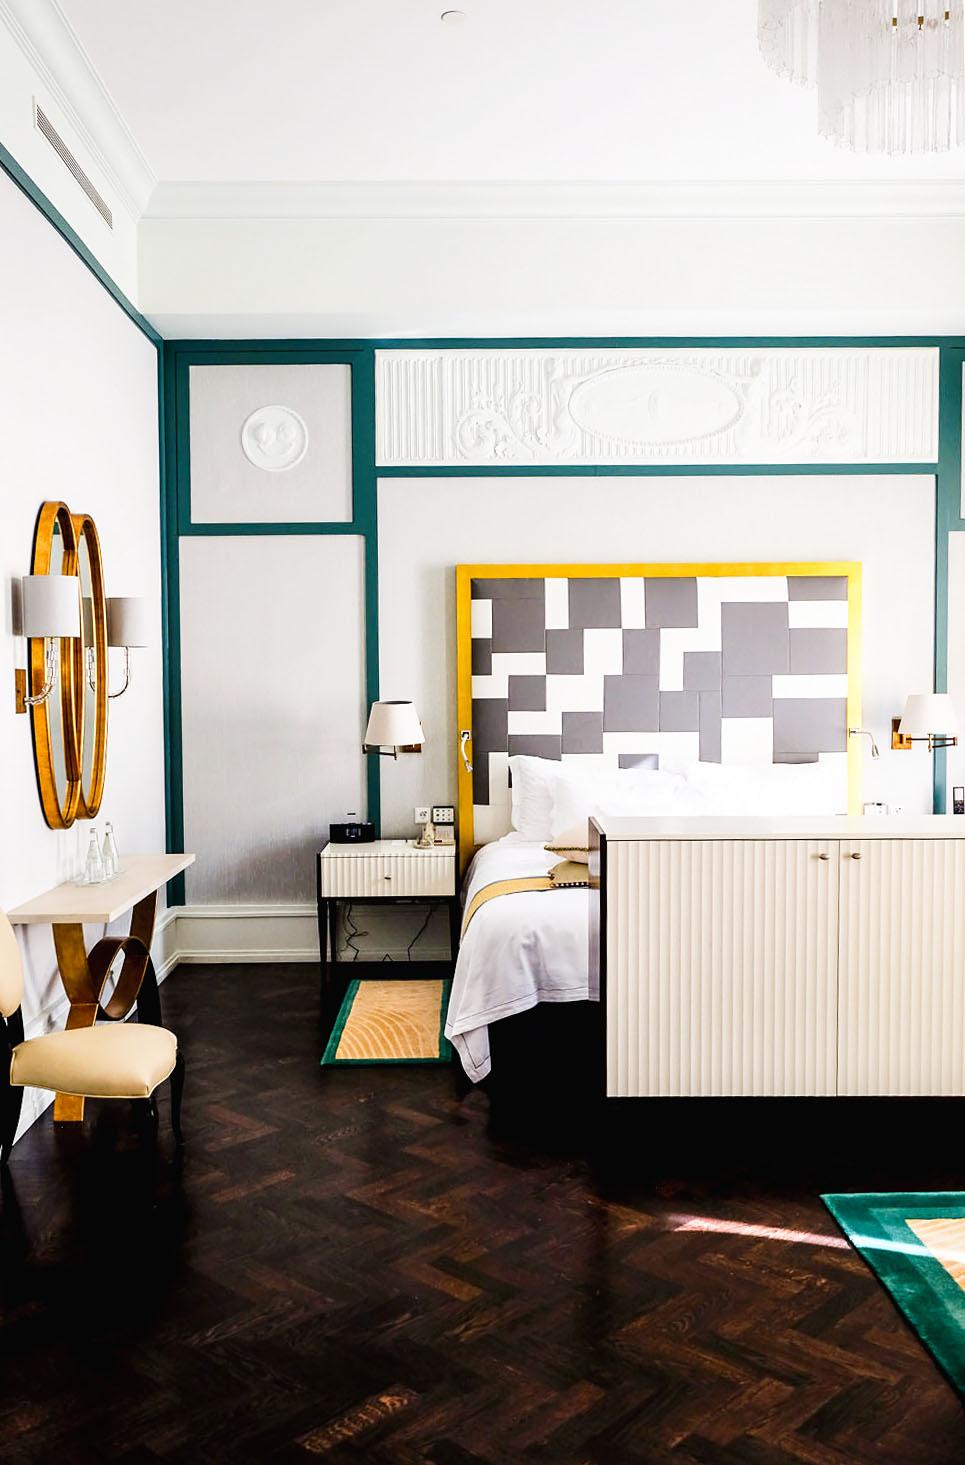 One of 6 Avant-Garde Suites at Belmond Grand Hotel Europe in Saint Petersburg, Russia